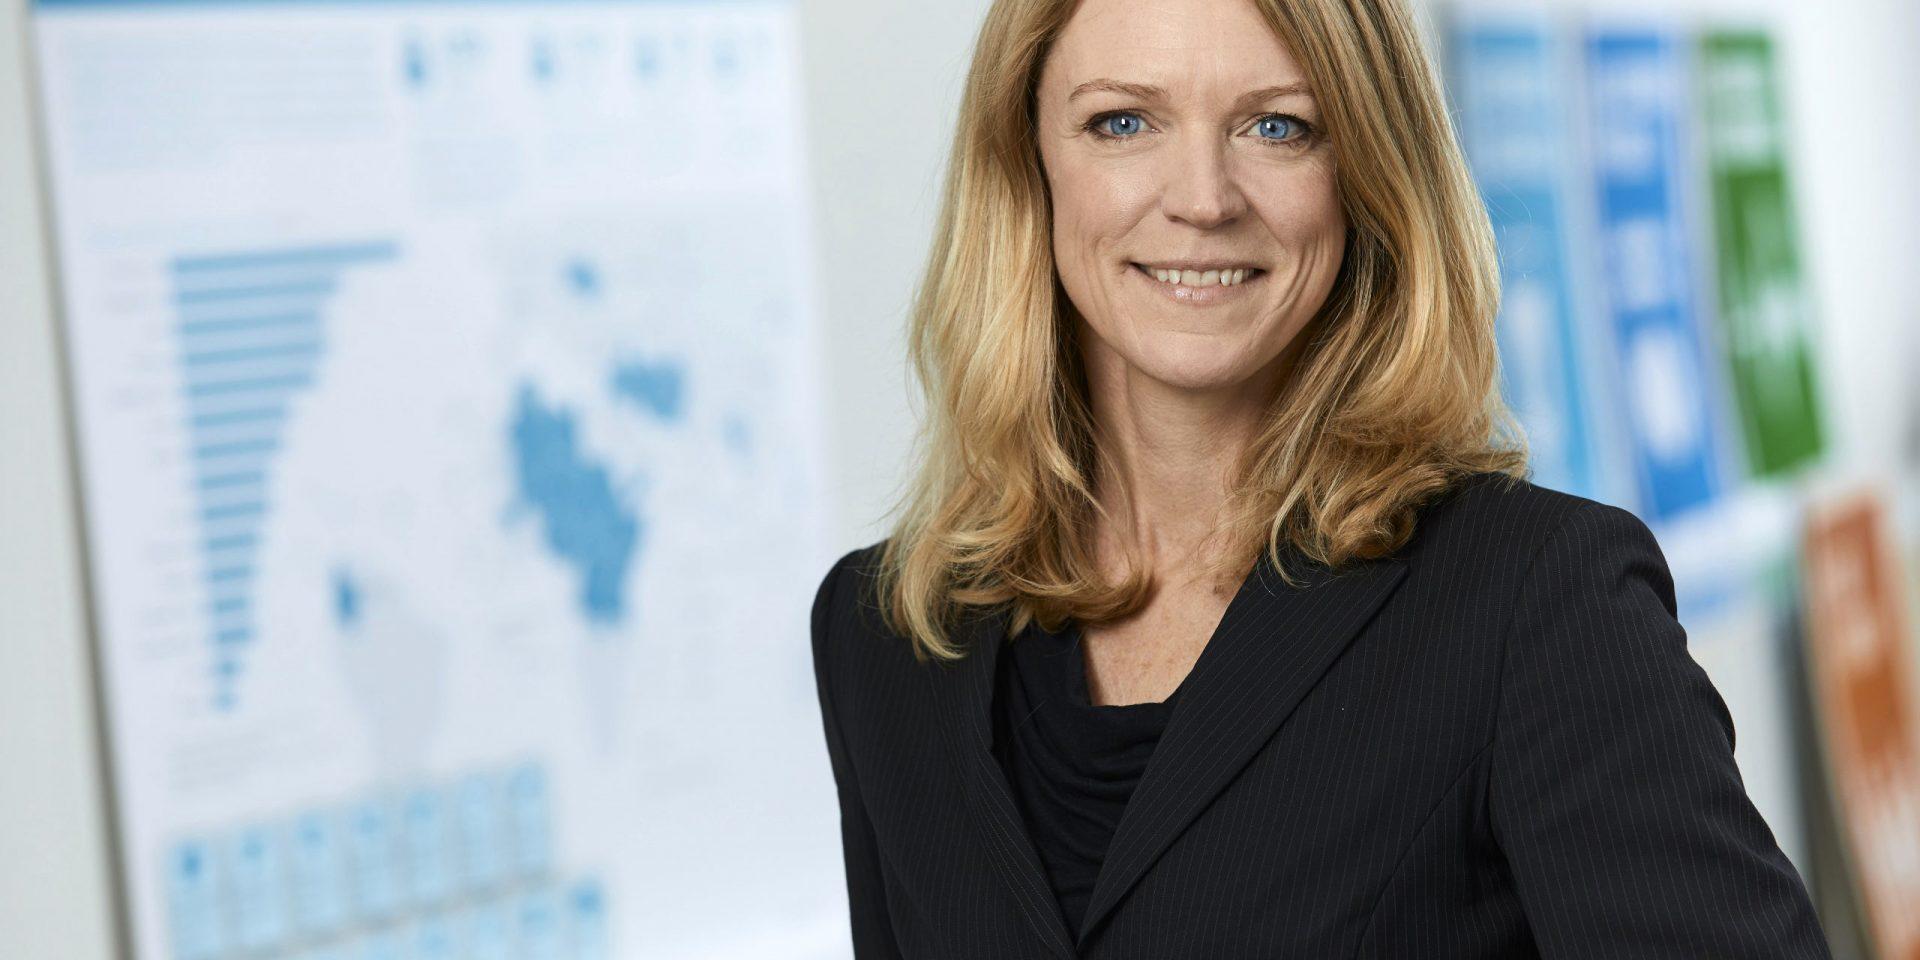 Sidas chefsekonom Susanna Gable tycker sig se ett skifte där allt fler ser värdet av en mer inkluderande och grön tillväxt efter pandemin.